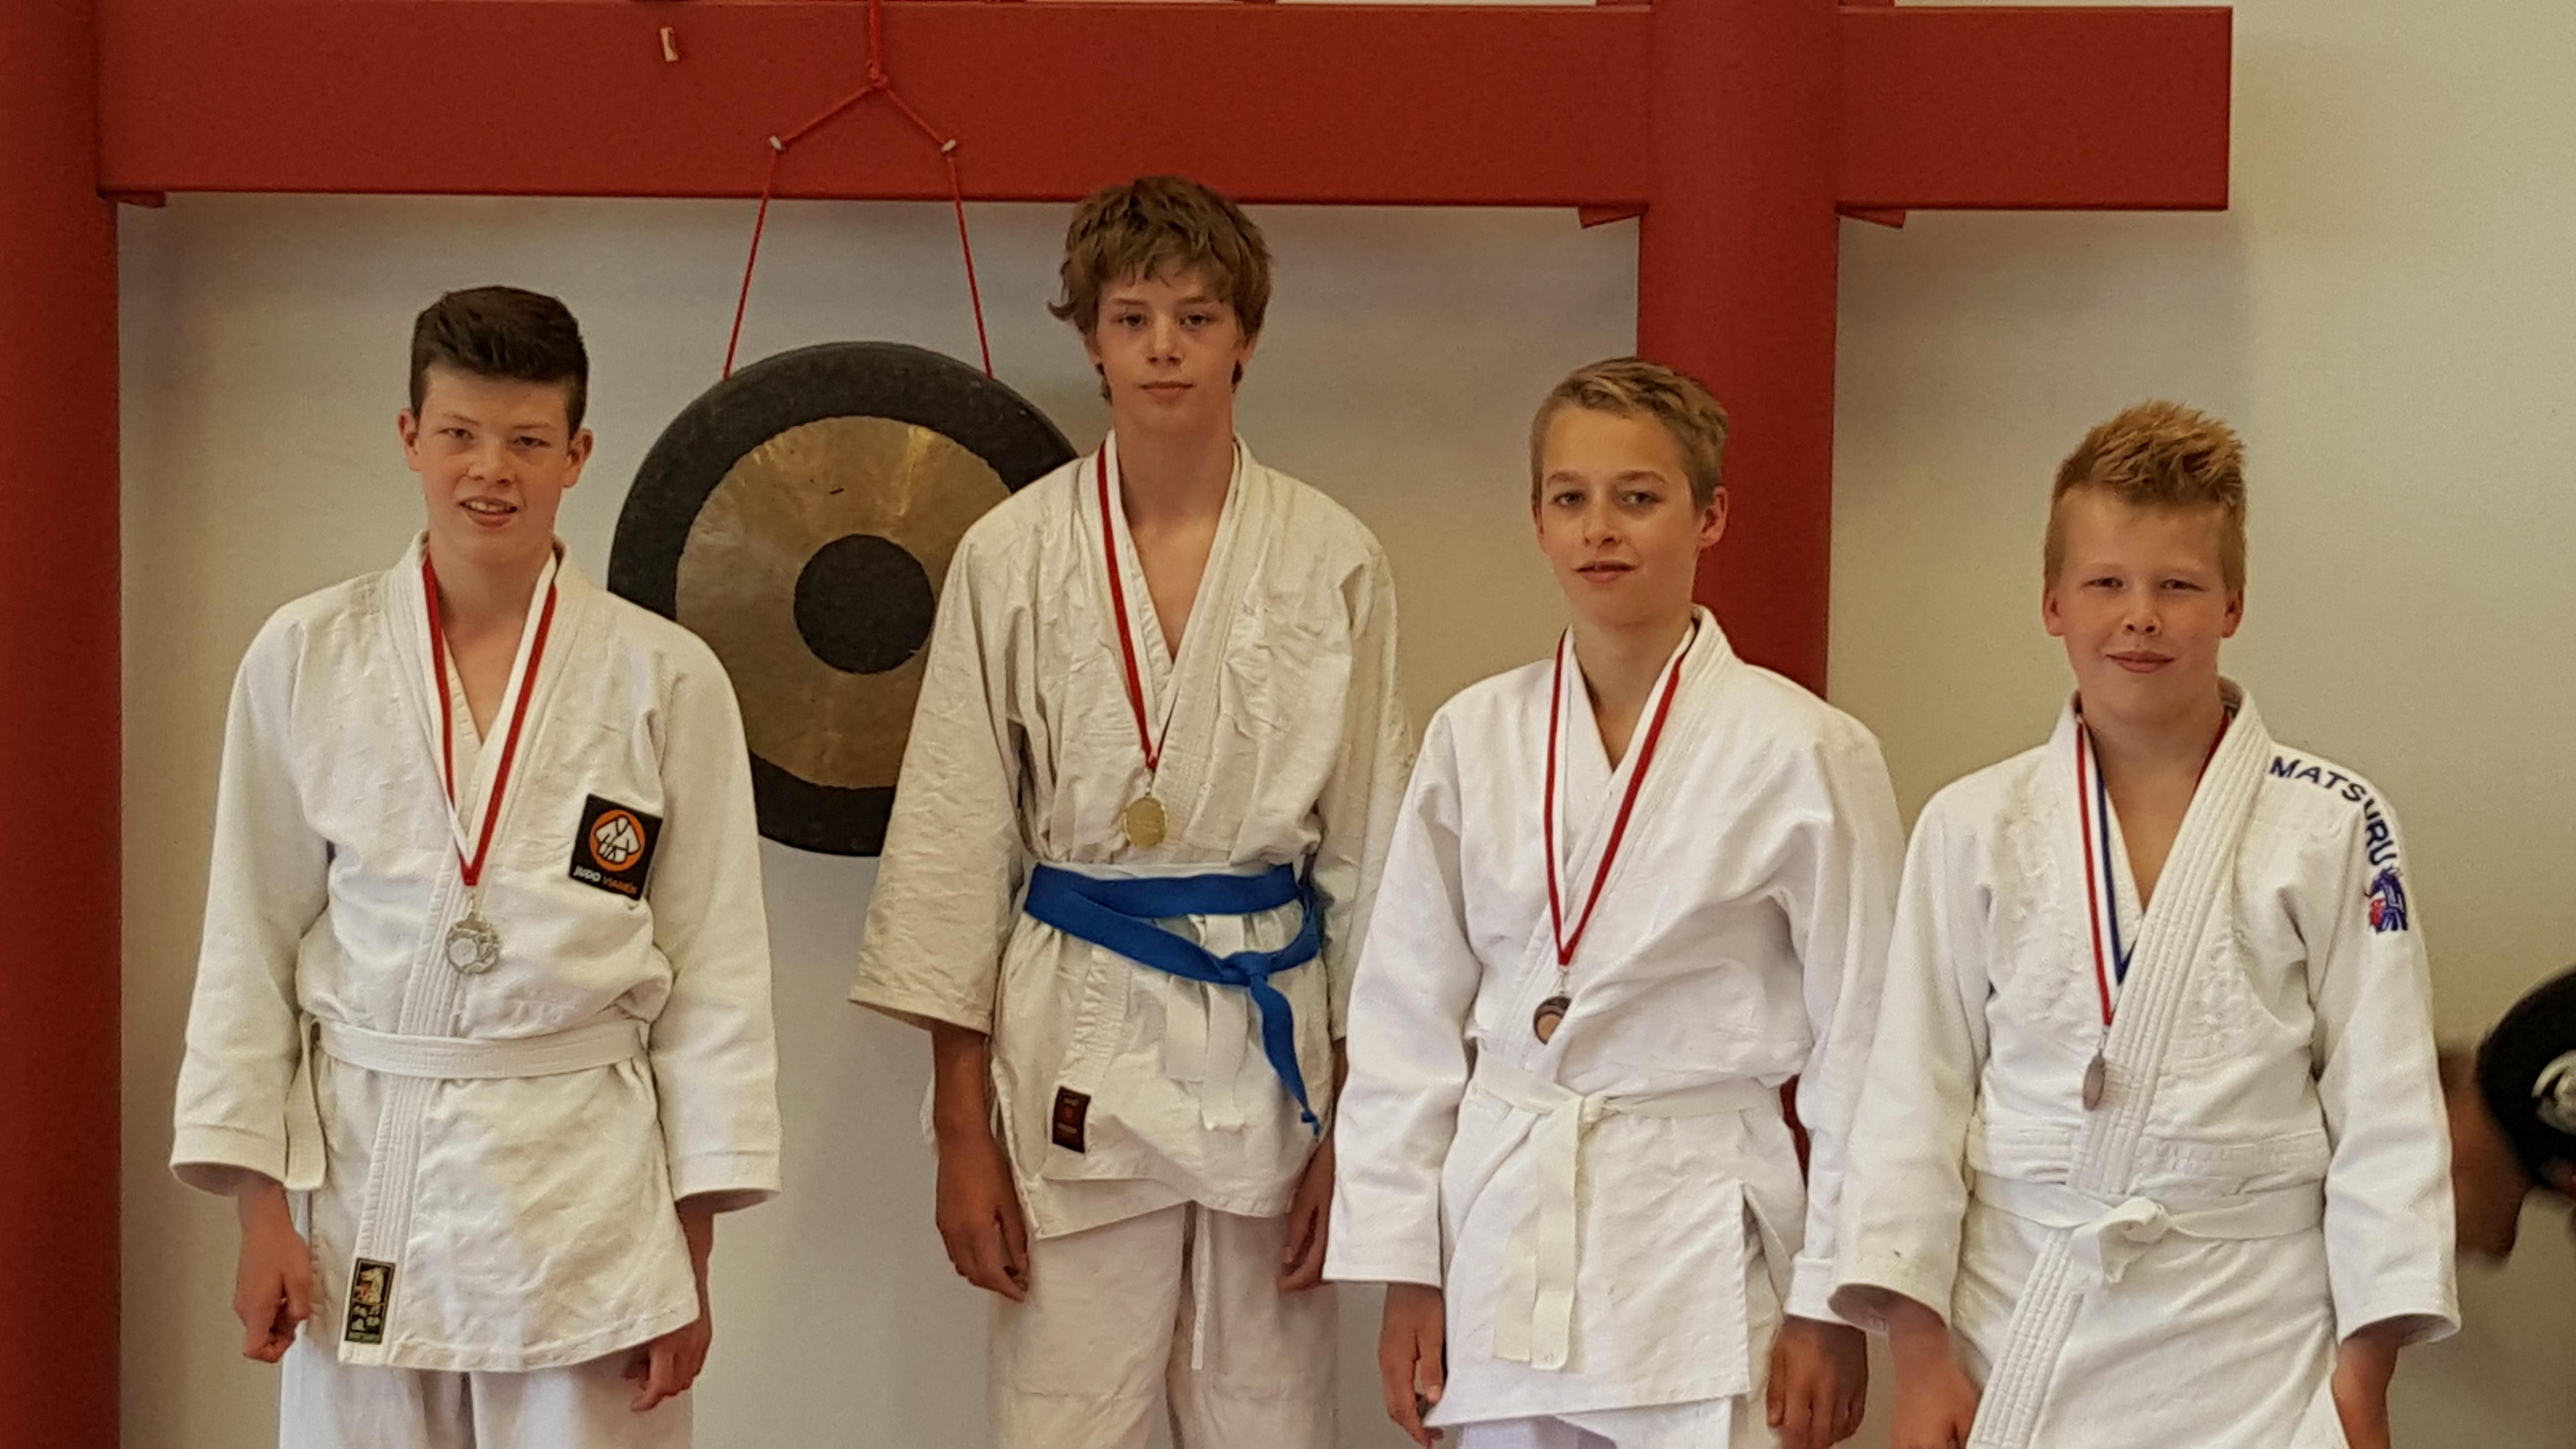 Broers van Hunnik winnen zilver op het judo ne-waza toernooi